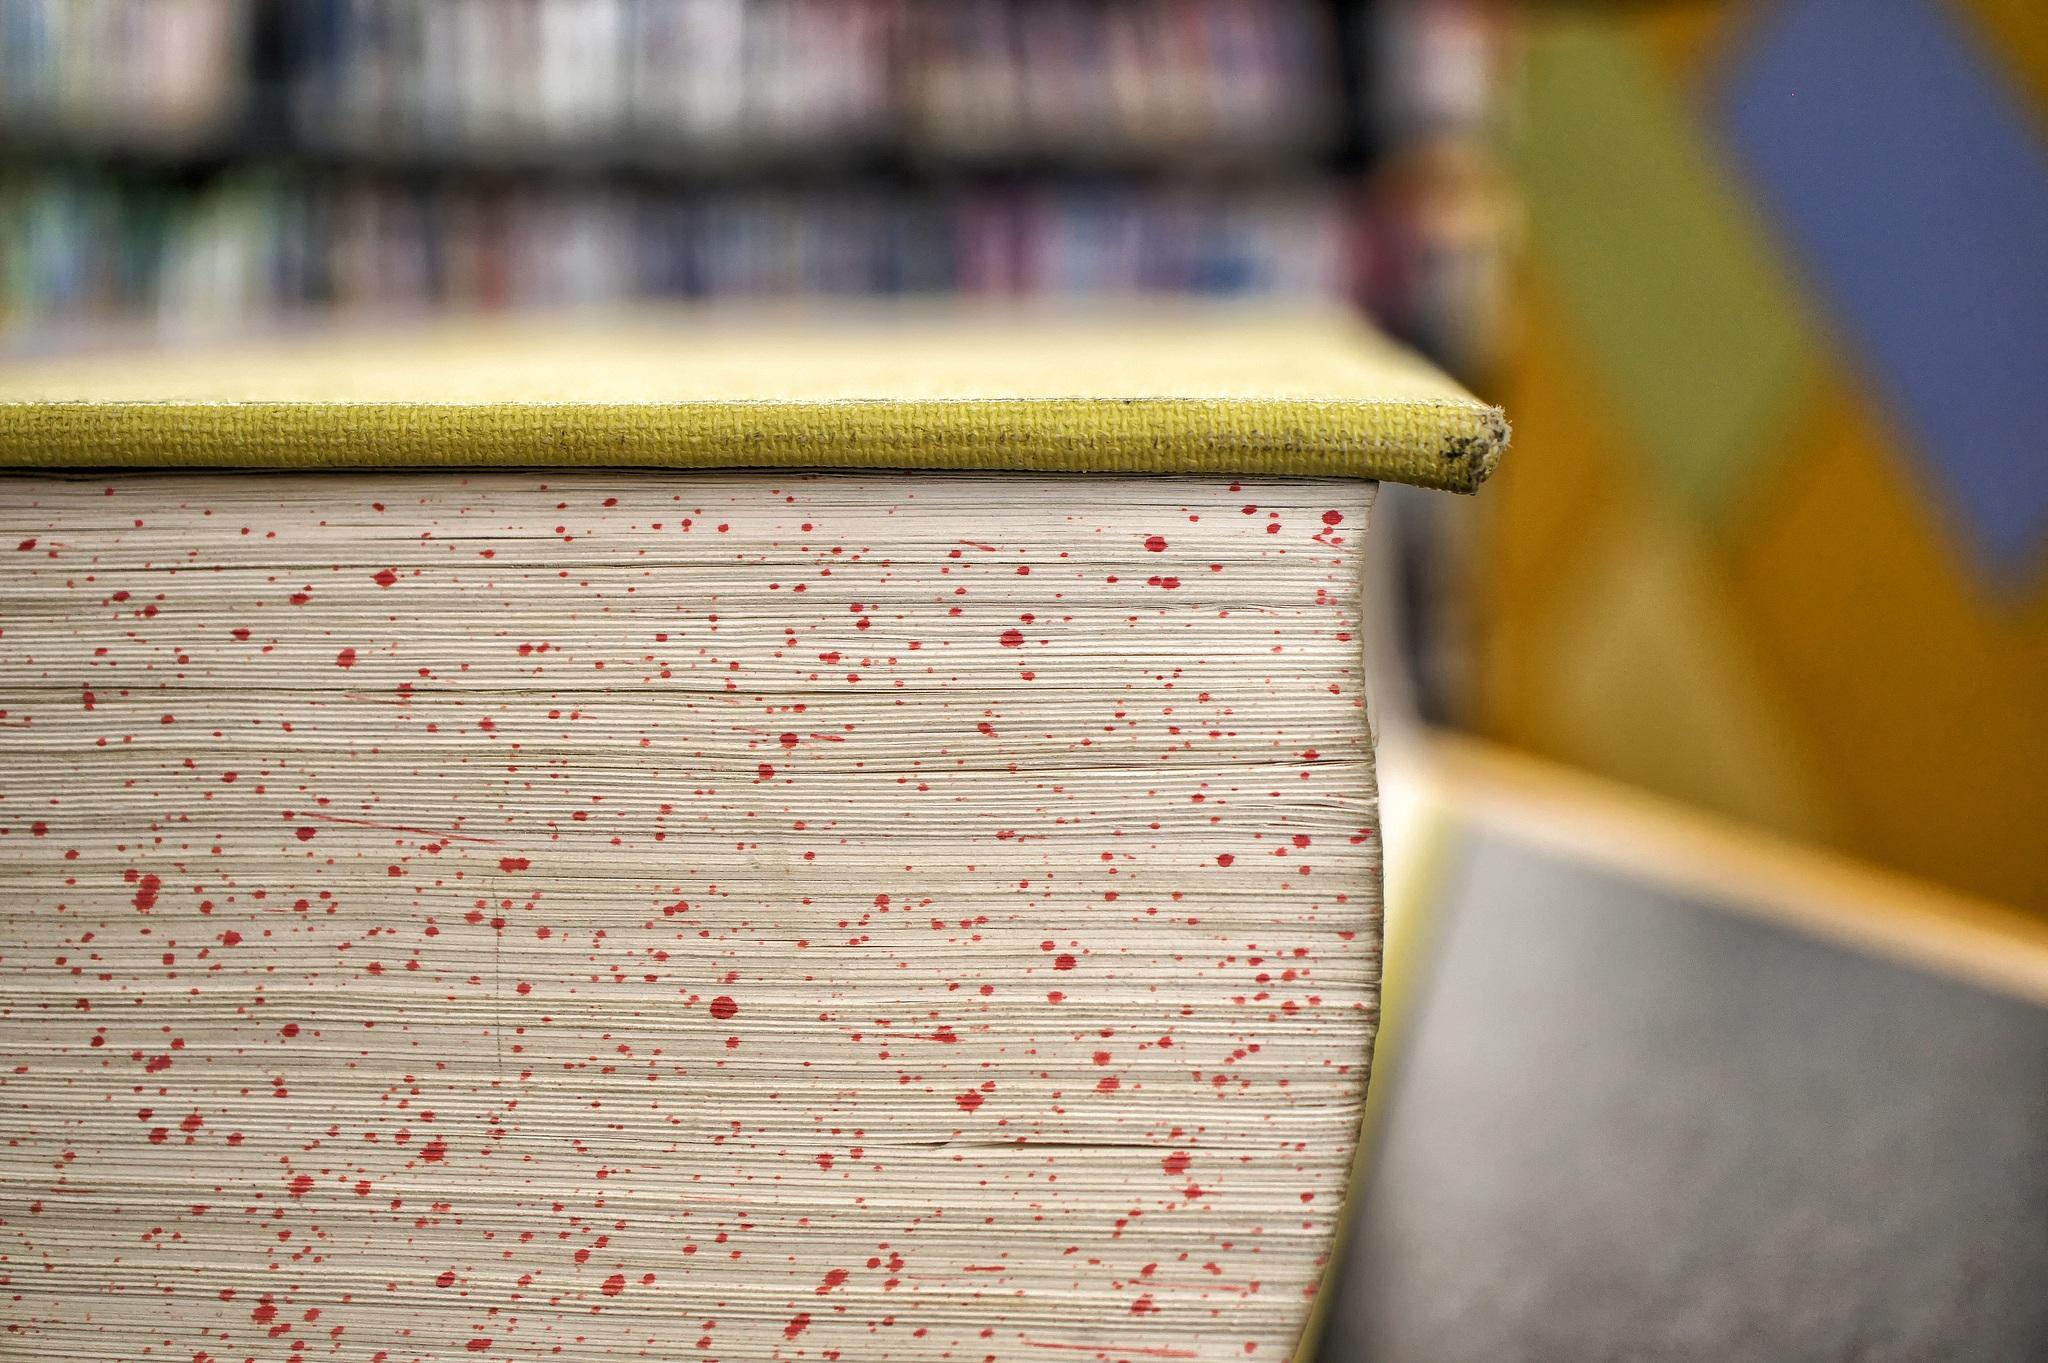 Fotos gratis : escritura, leer, abierto, madera, número, pared ...